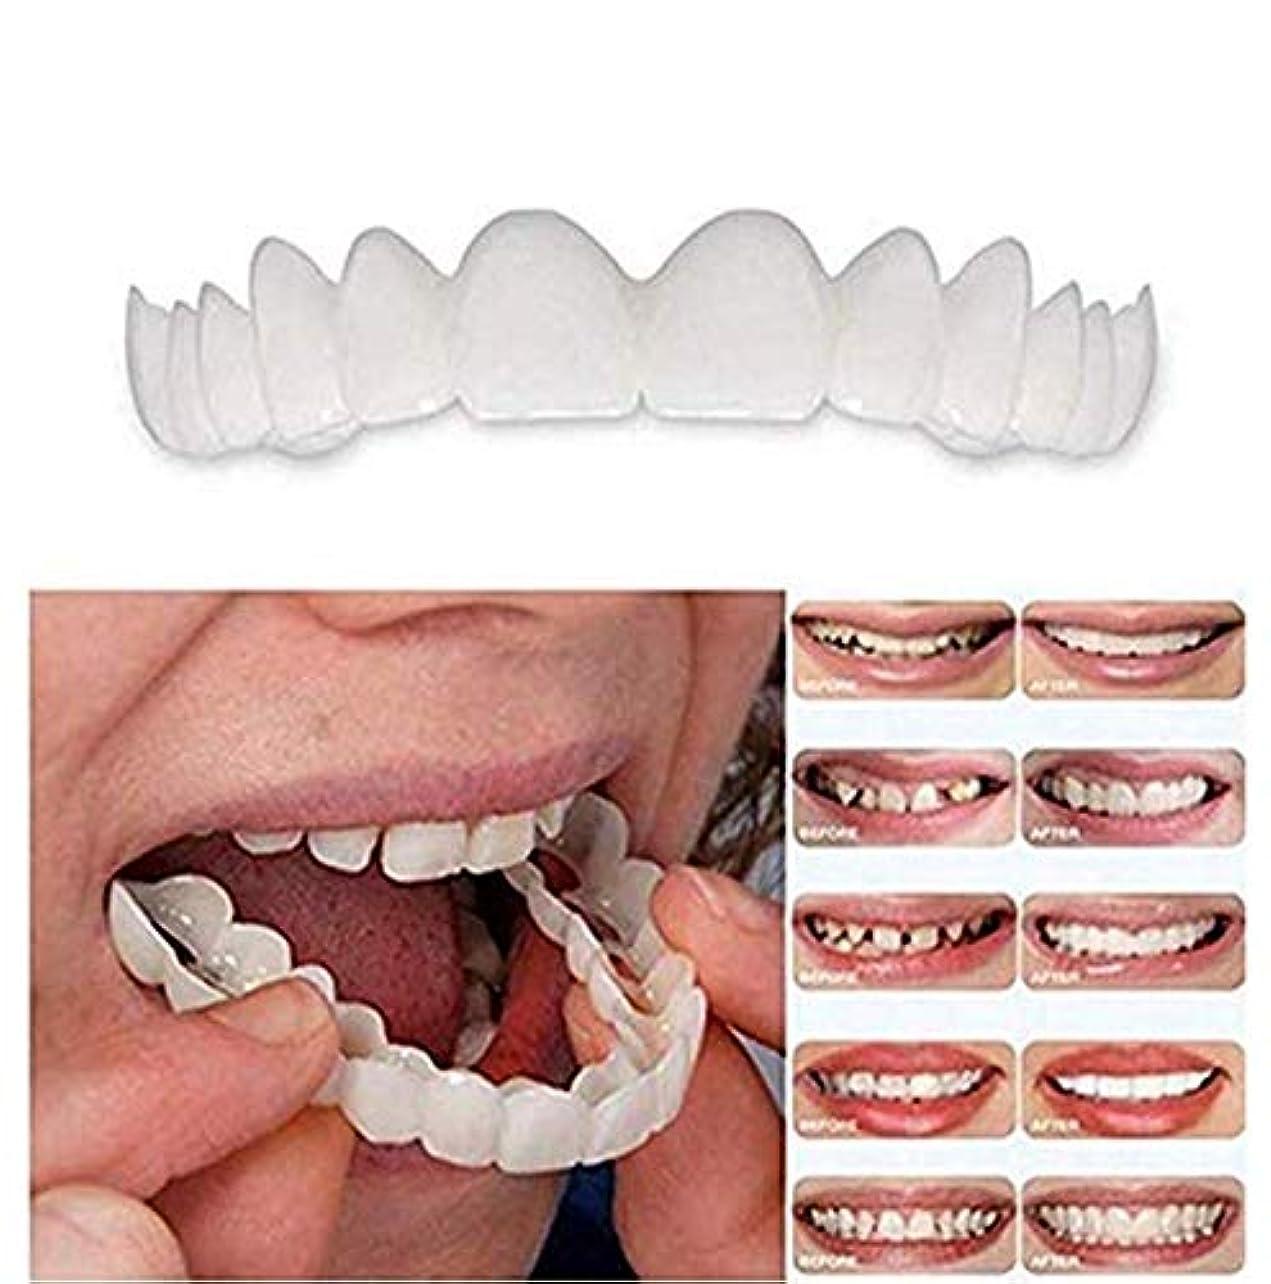 背が高い有利ブレイズ2PCS /セット(上下上下の義歯インスタントスマイルコンフォートフィットフレックス化粧品歯のトップ化粧品突き板[エネルギークラスA]